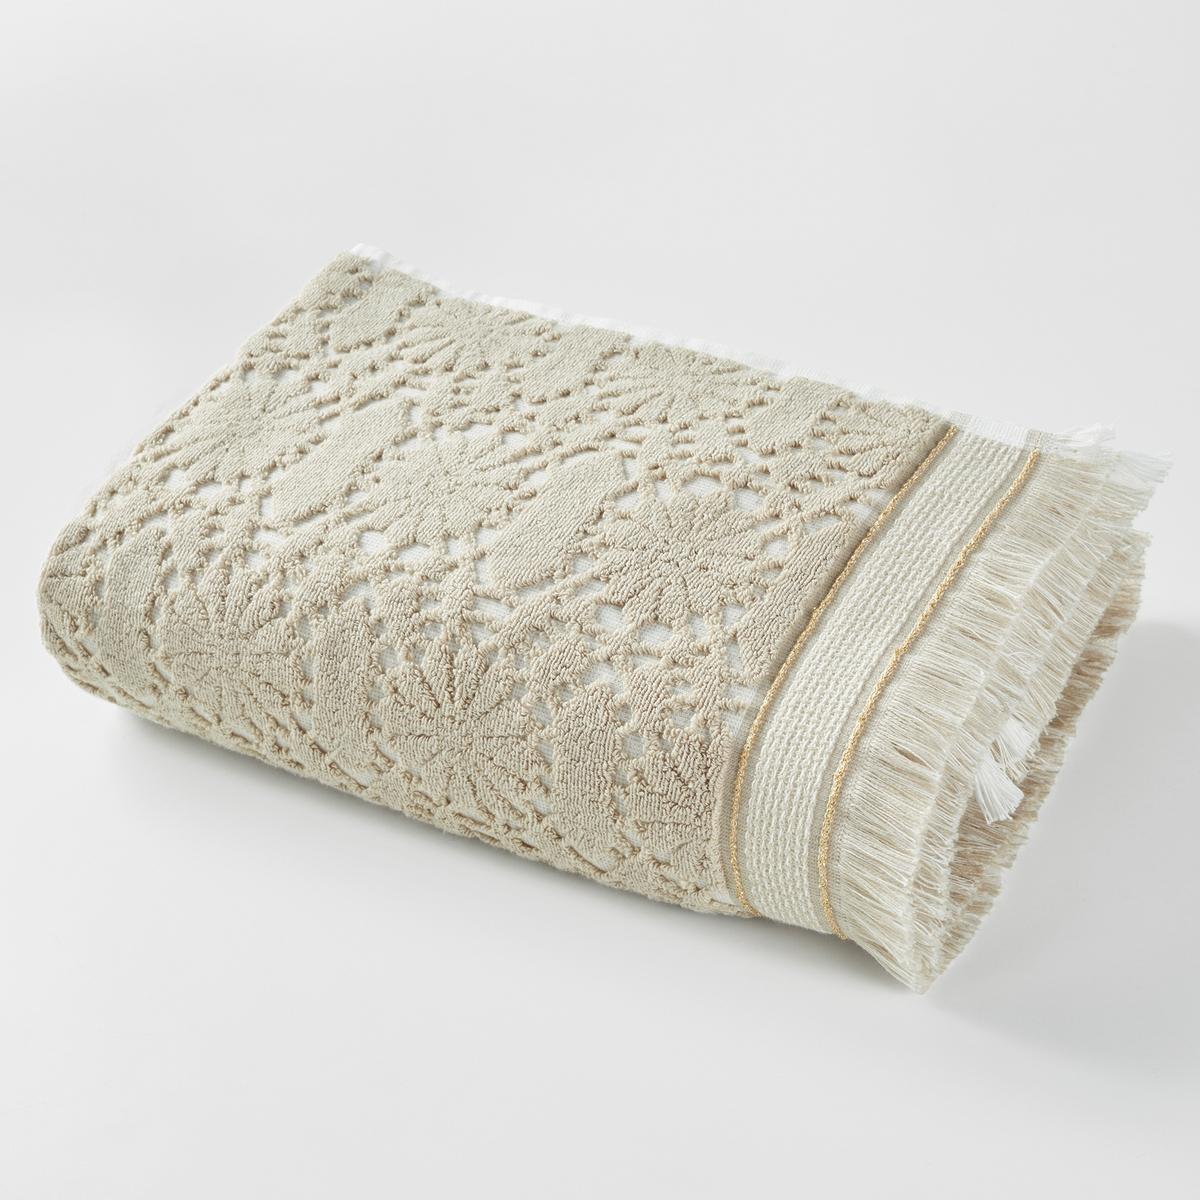 Полотенце банное Purdy, 500 г/м?Характеристики банного полотенца Purdyмягкий и пористый ультравпитывающий материал стирать при 40°.Жаккардовая ткань с зубчатым рисунком.Размер банного полотенца Purdy50 x 100 см.<br><br>Цвет: бежевый,сине-зеленый,шафран<br>Размер: 50 x 100  см